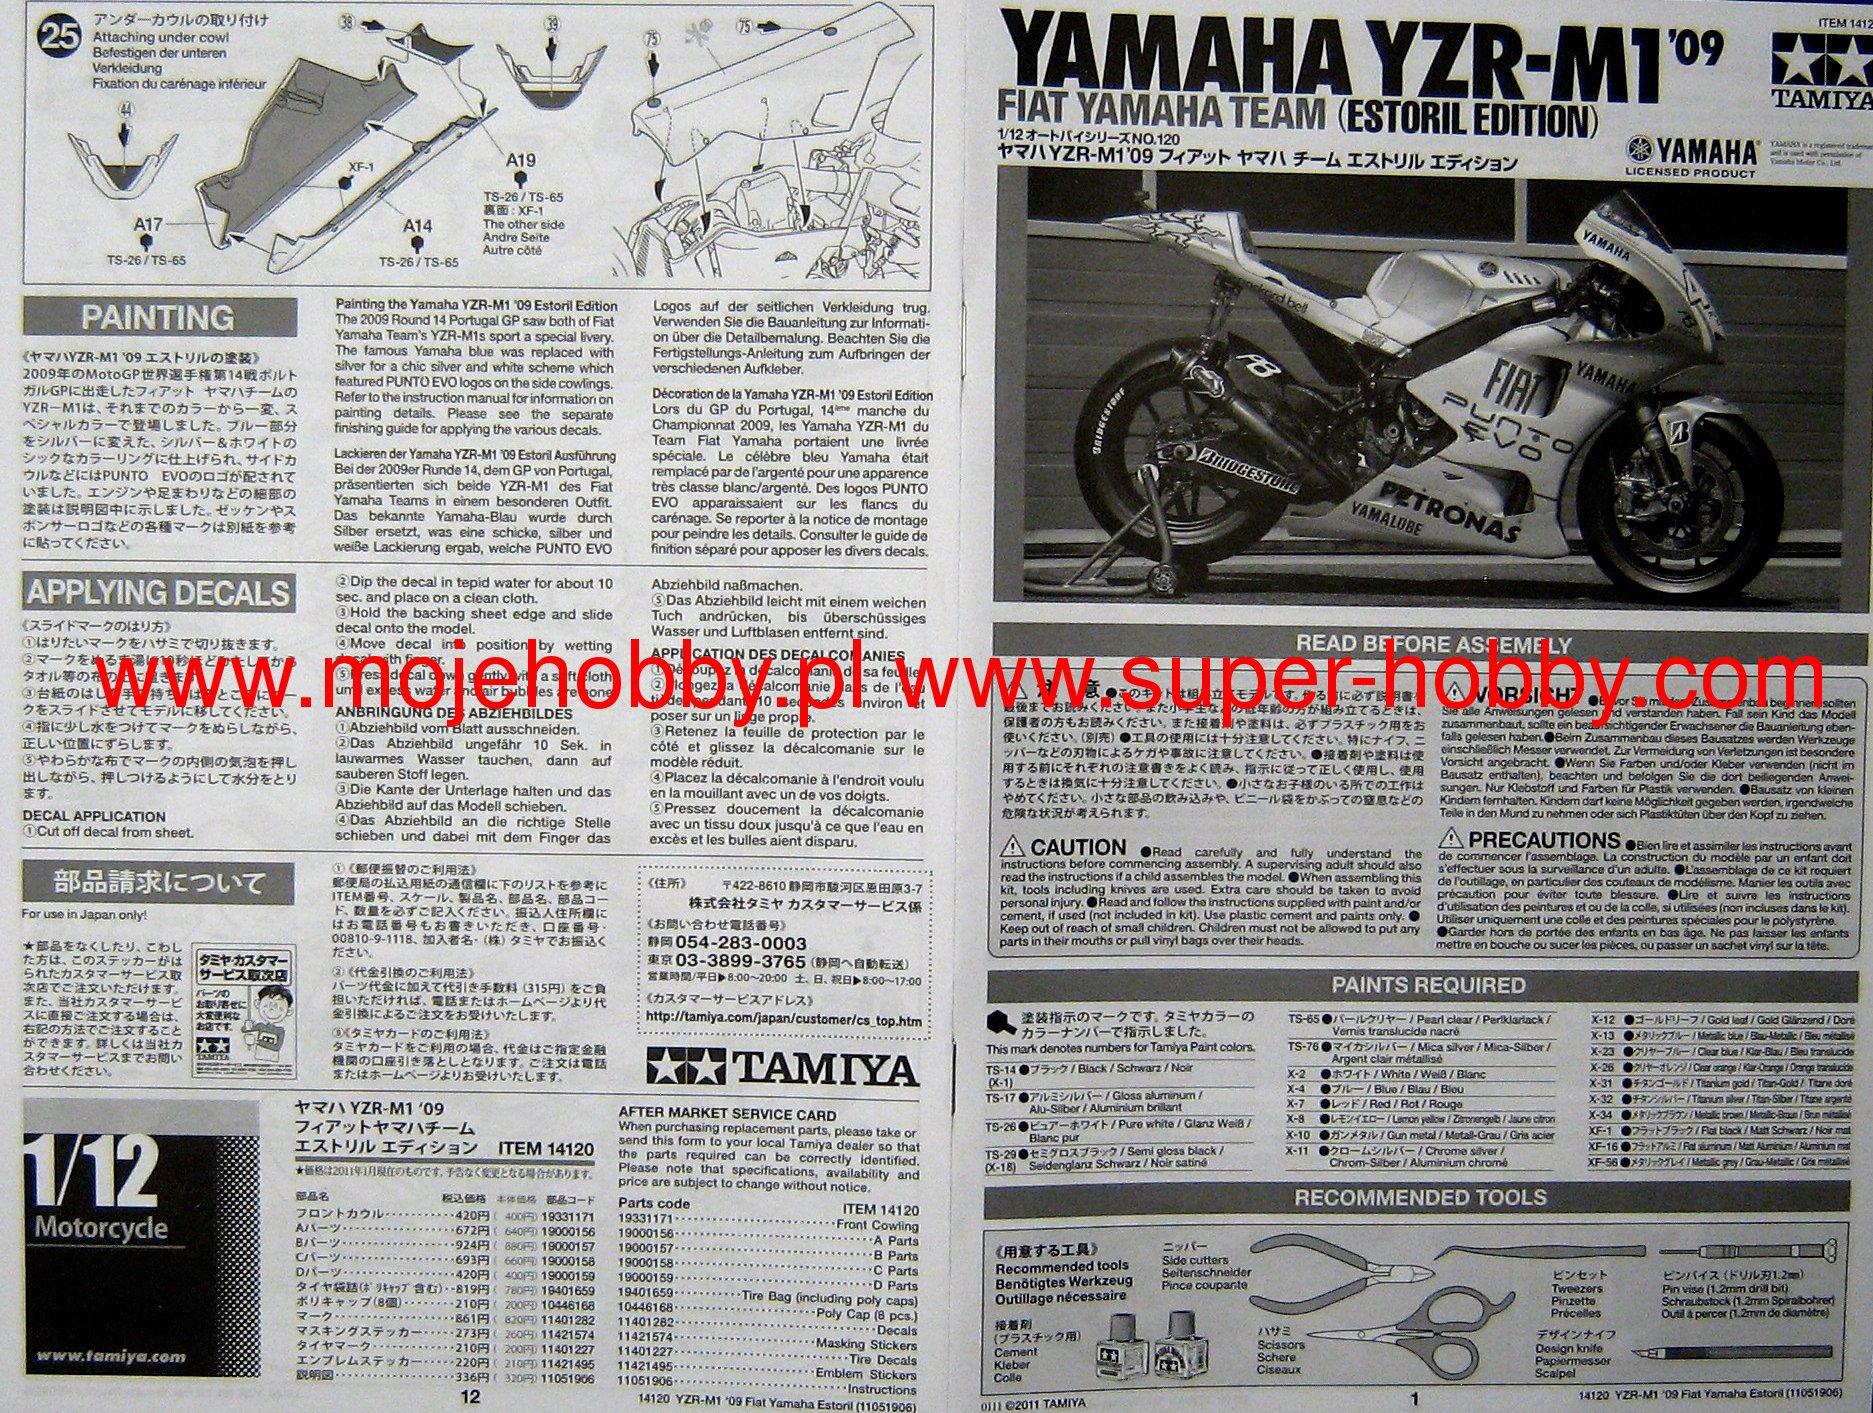 Yamaha Yzr M1 09 Fiat Yamaha Team Tamiya 14120